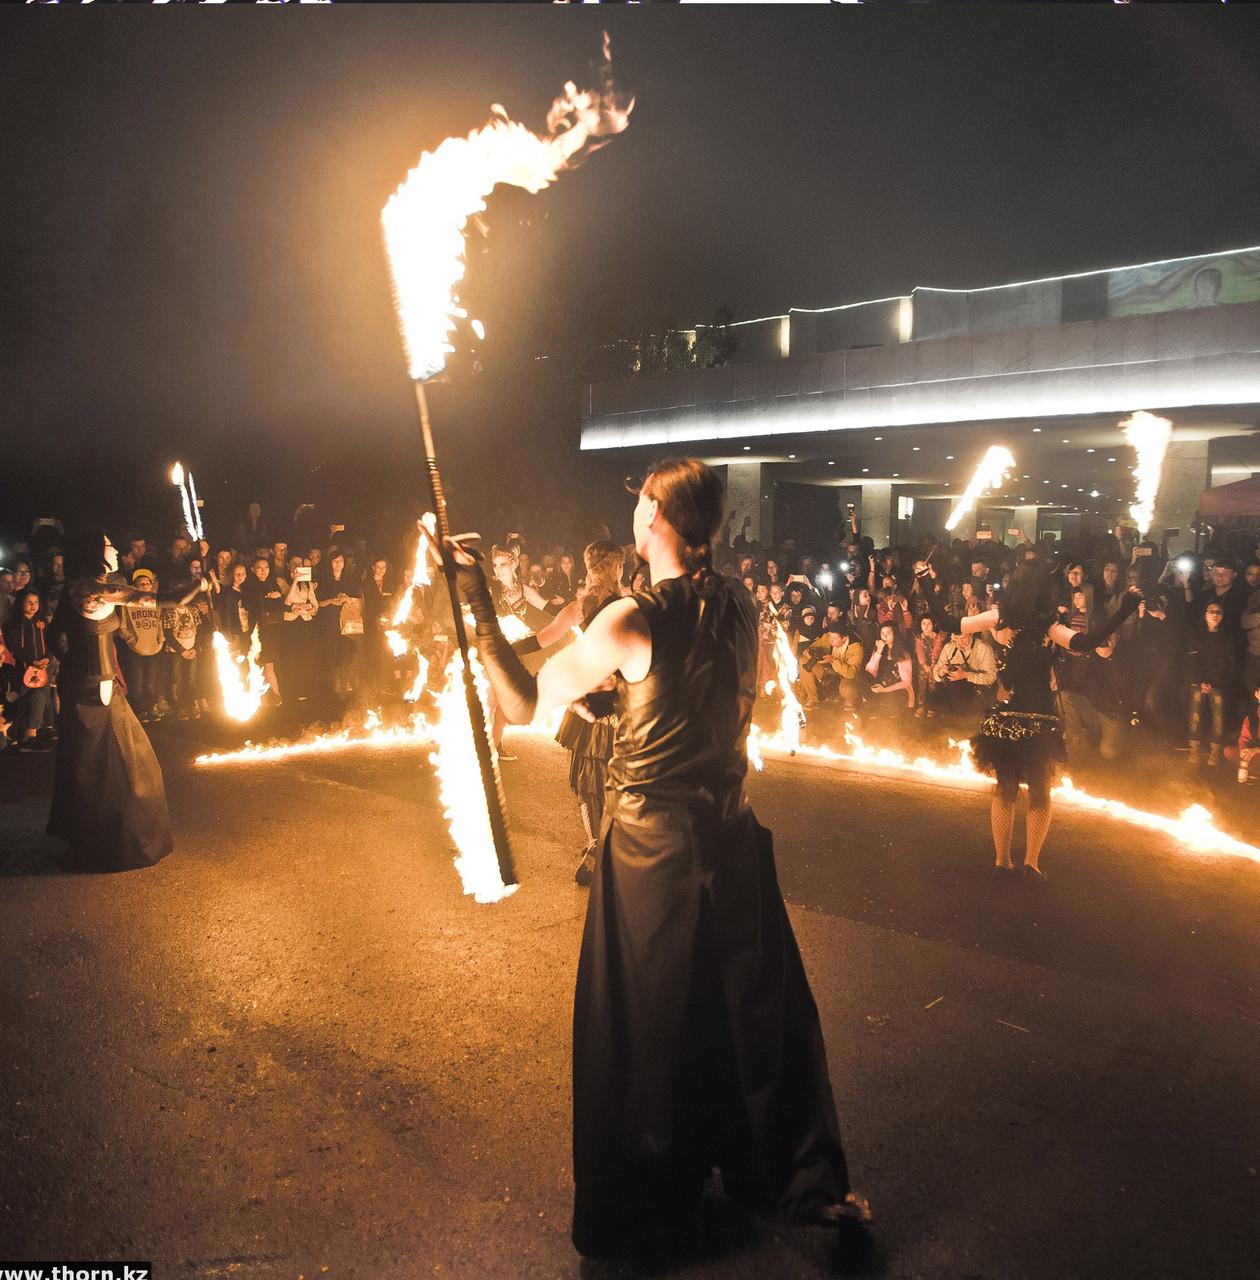 Full Огненное Пиротехническое шоу Kashmir - 6 человек